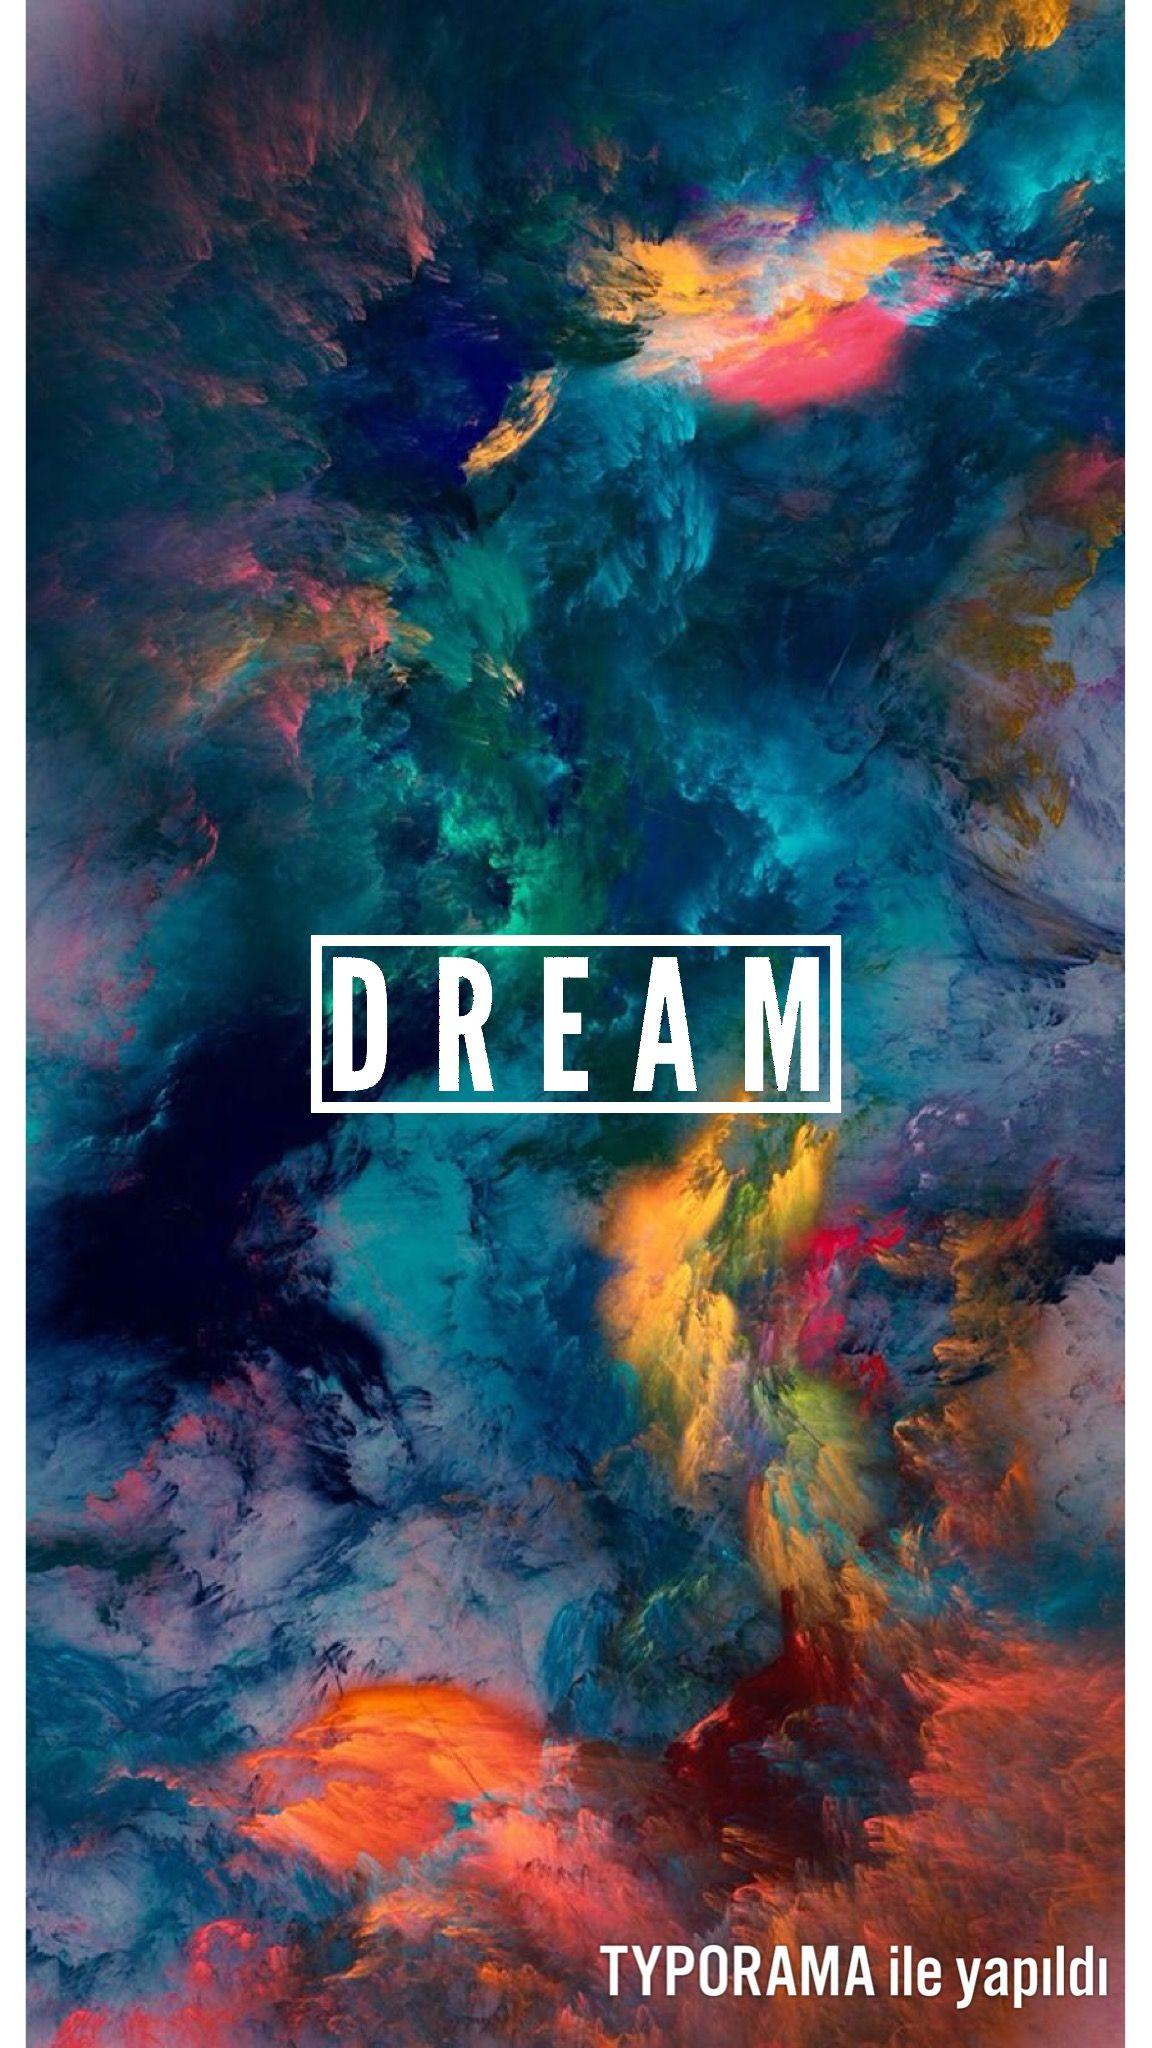 Dream Dream Iphonex Hypebeast Wallpaper Art Wallpaper